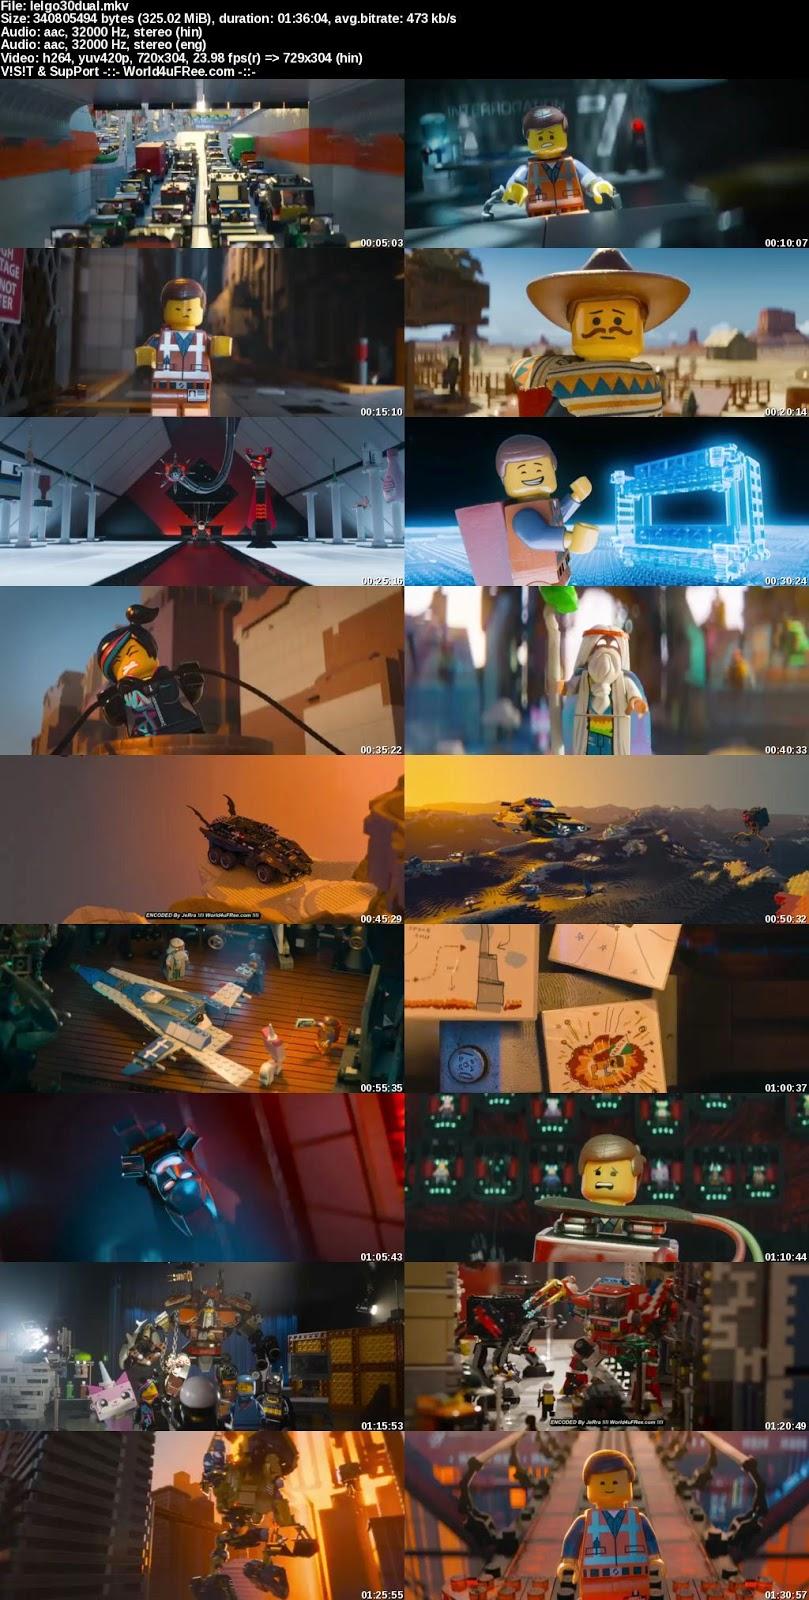 the lego movie 180upload